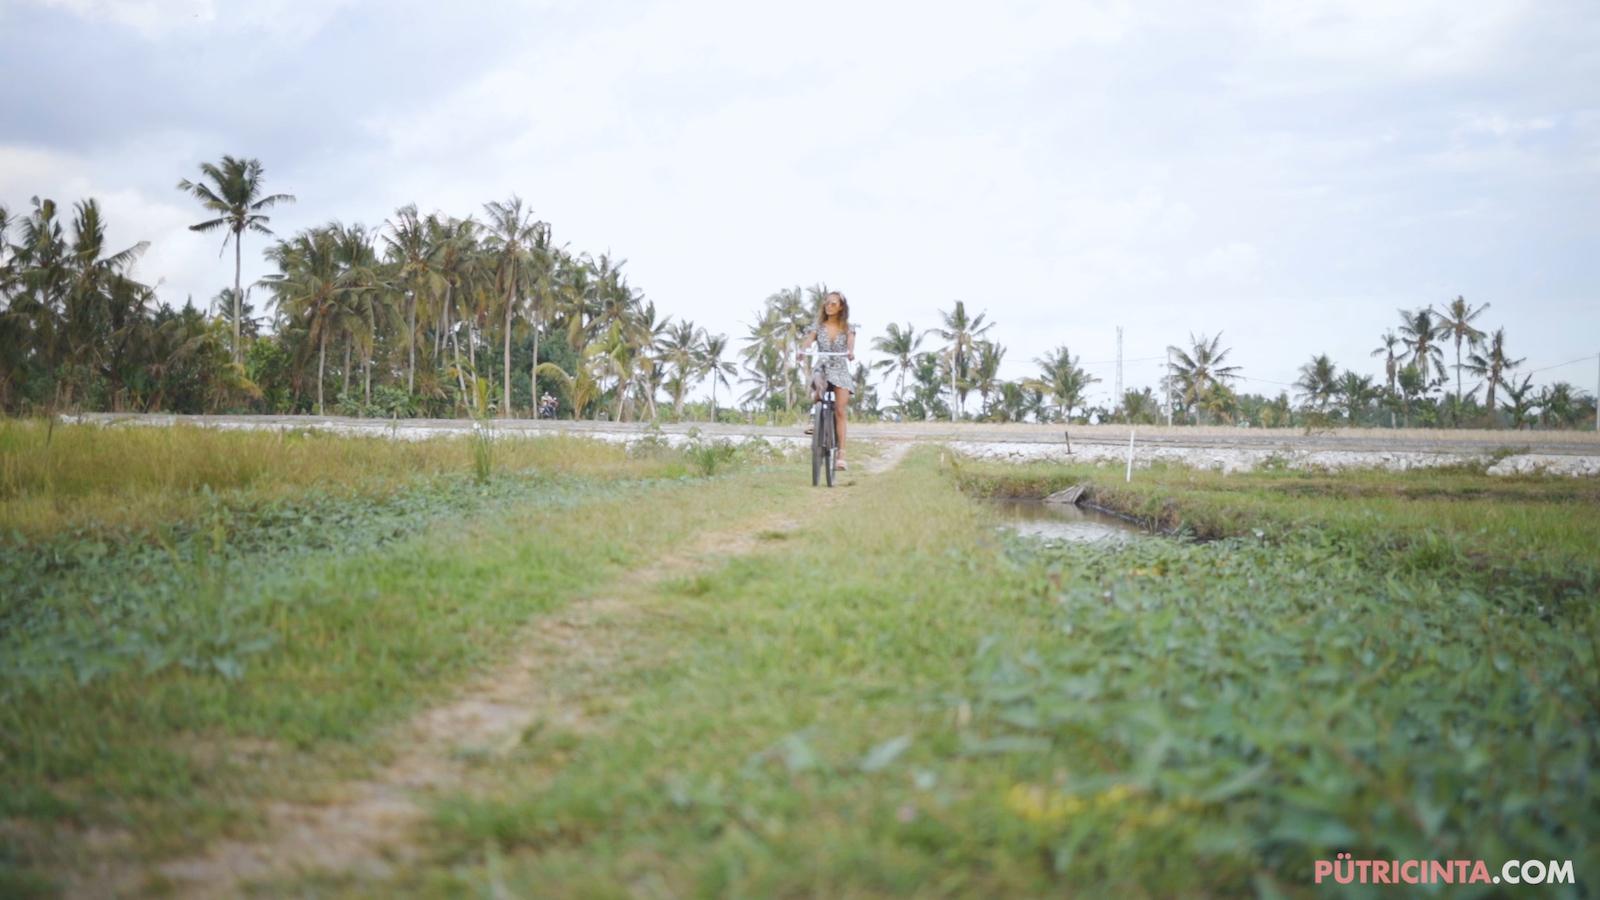 024-cyclingcommando-Putri-Cinta-Mainvid-stills-39.jpg